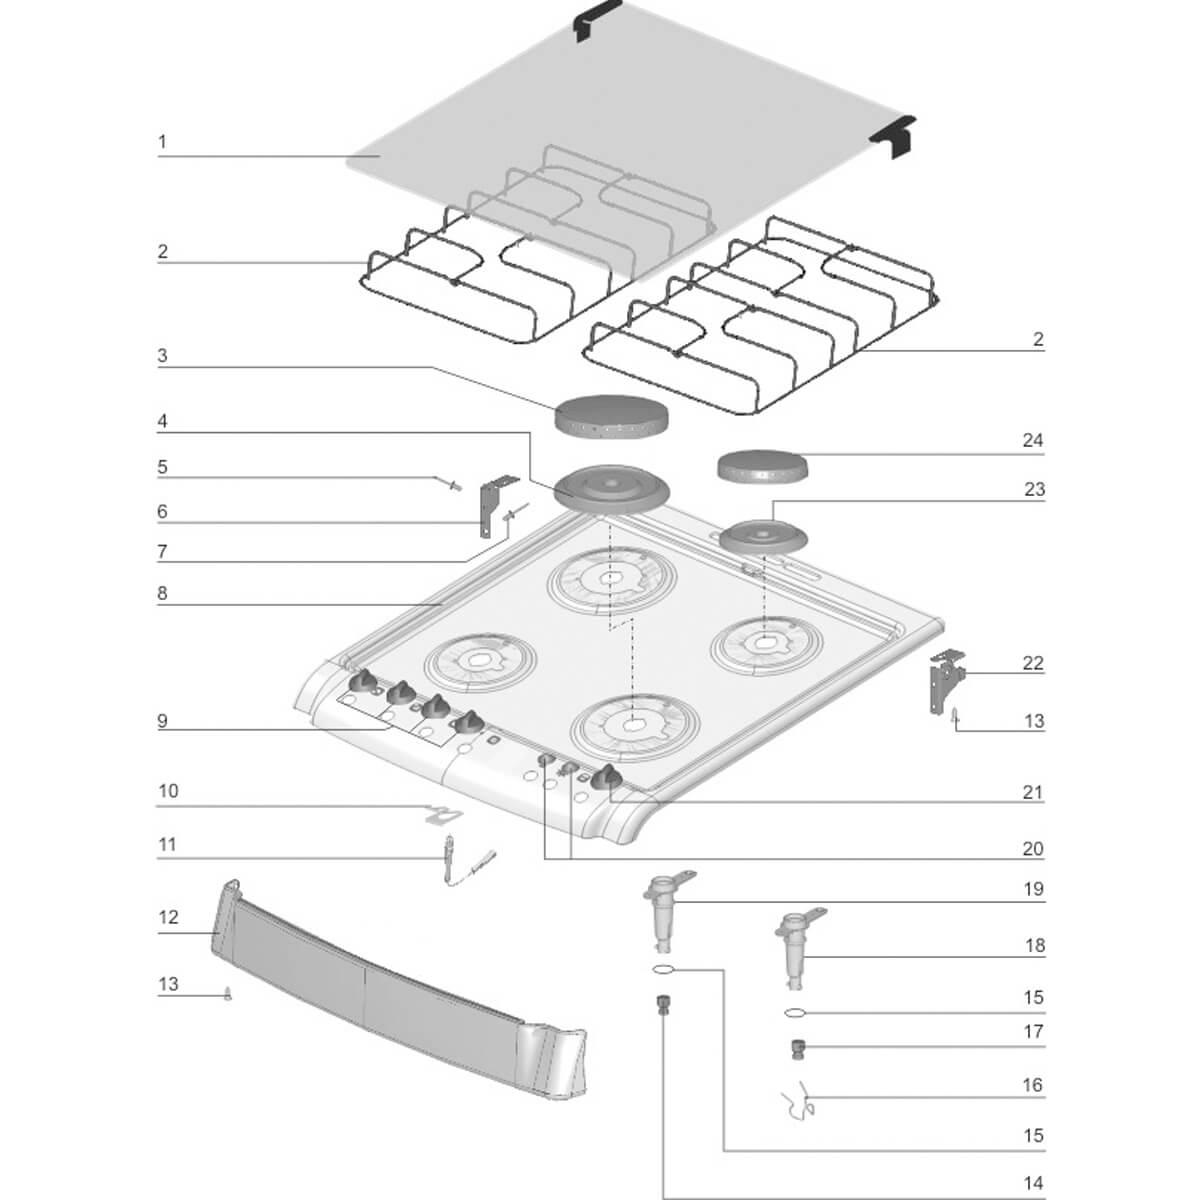 Arremate Mesa Chef Para Fogão 4 Bocas Electrolux 52SM - 72610001